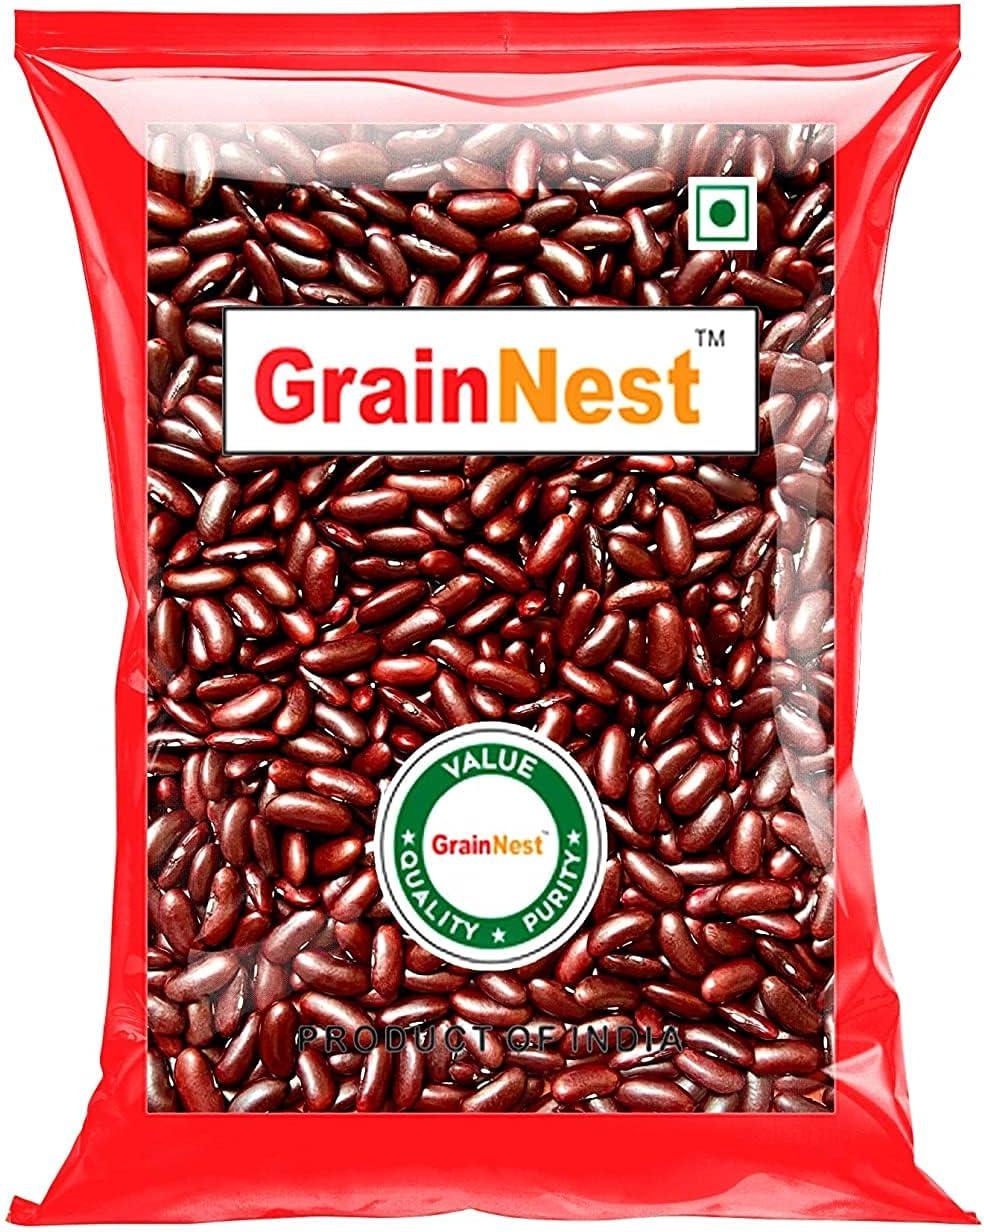 Atome GrainNest Red Rajma 2021new shipping free Beans Kidney Regular dealer 500gms